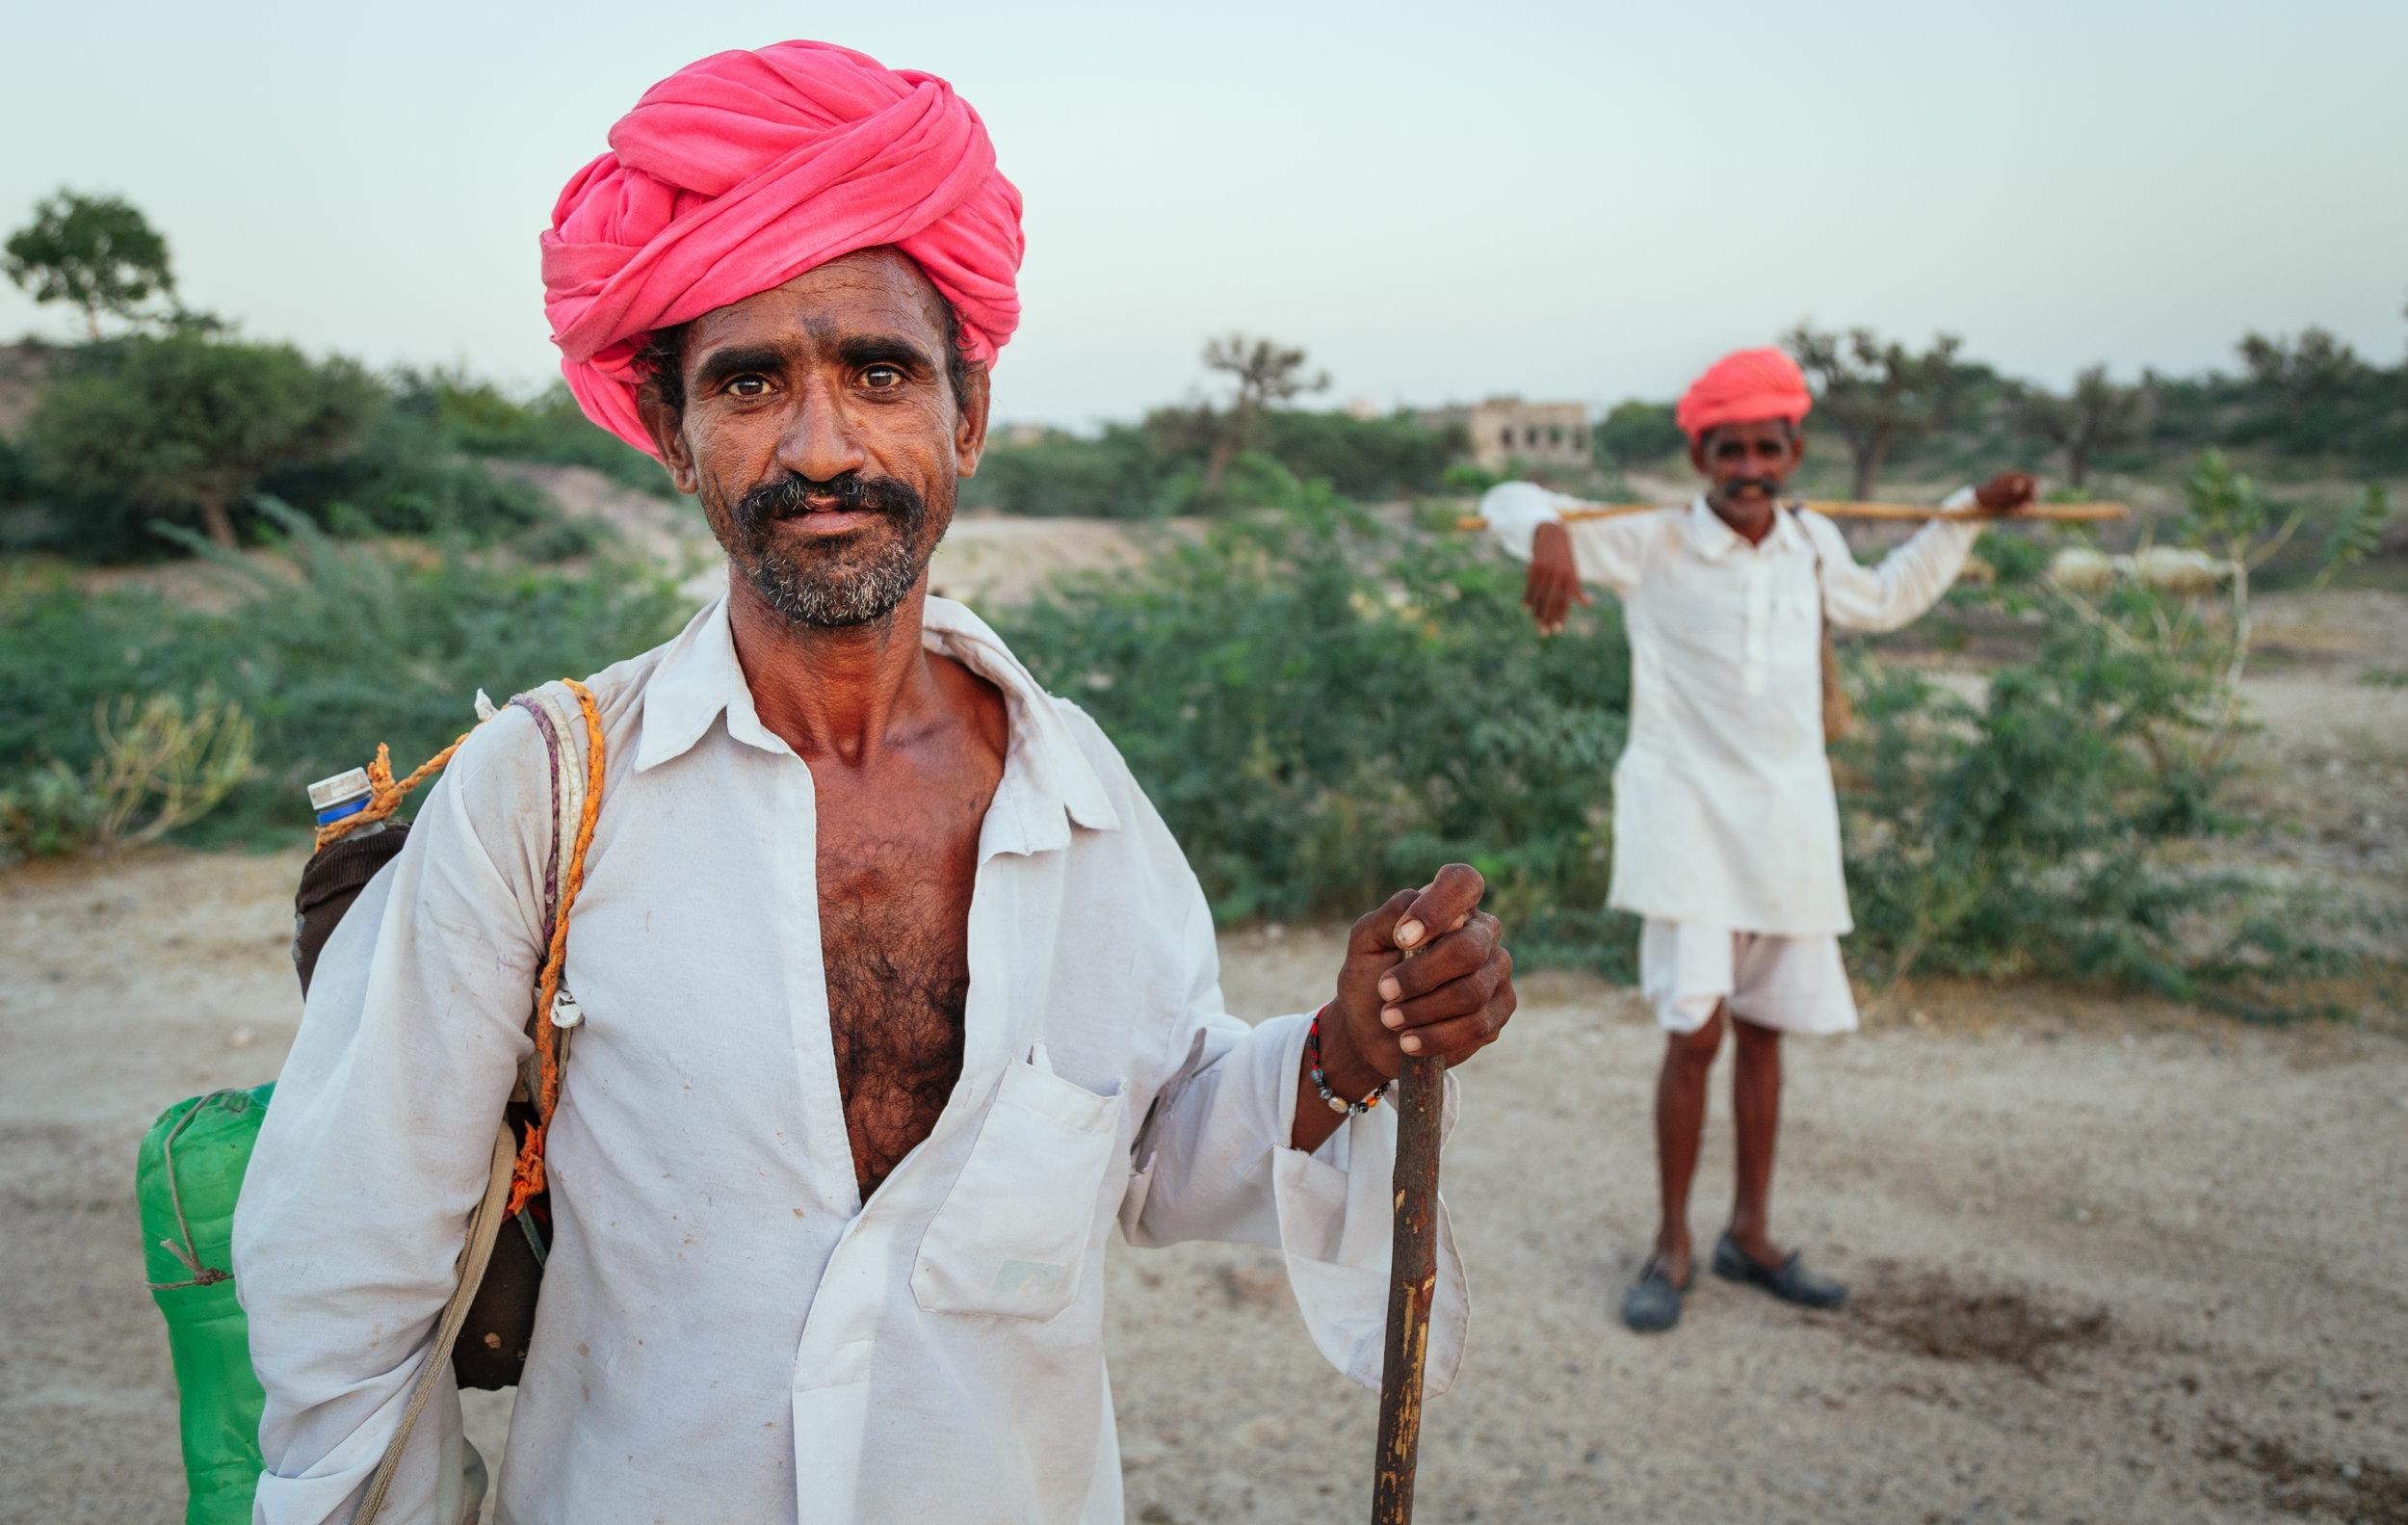 Rajasthan (India) - Land of Rajas